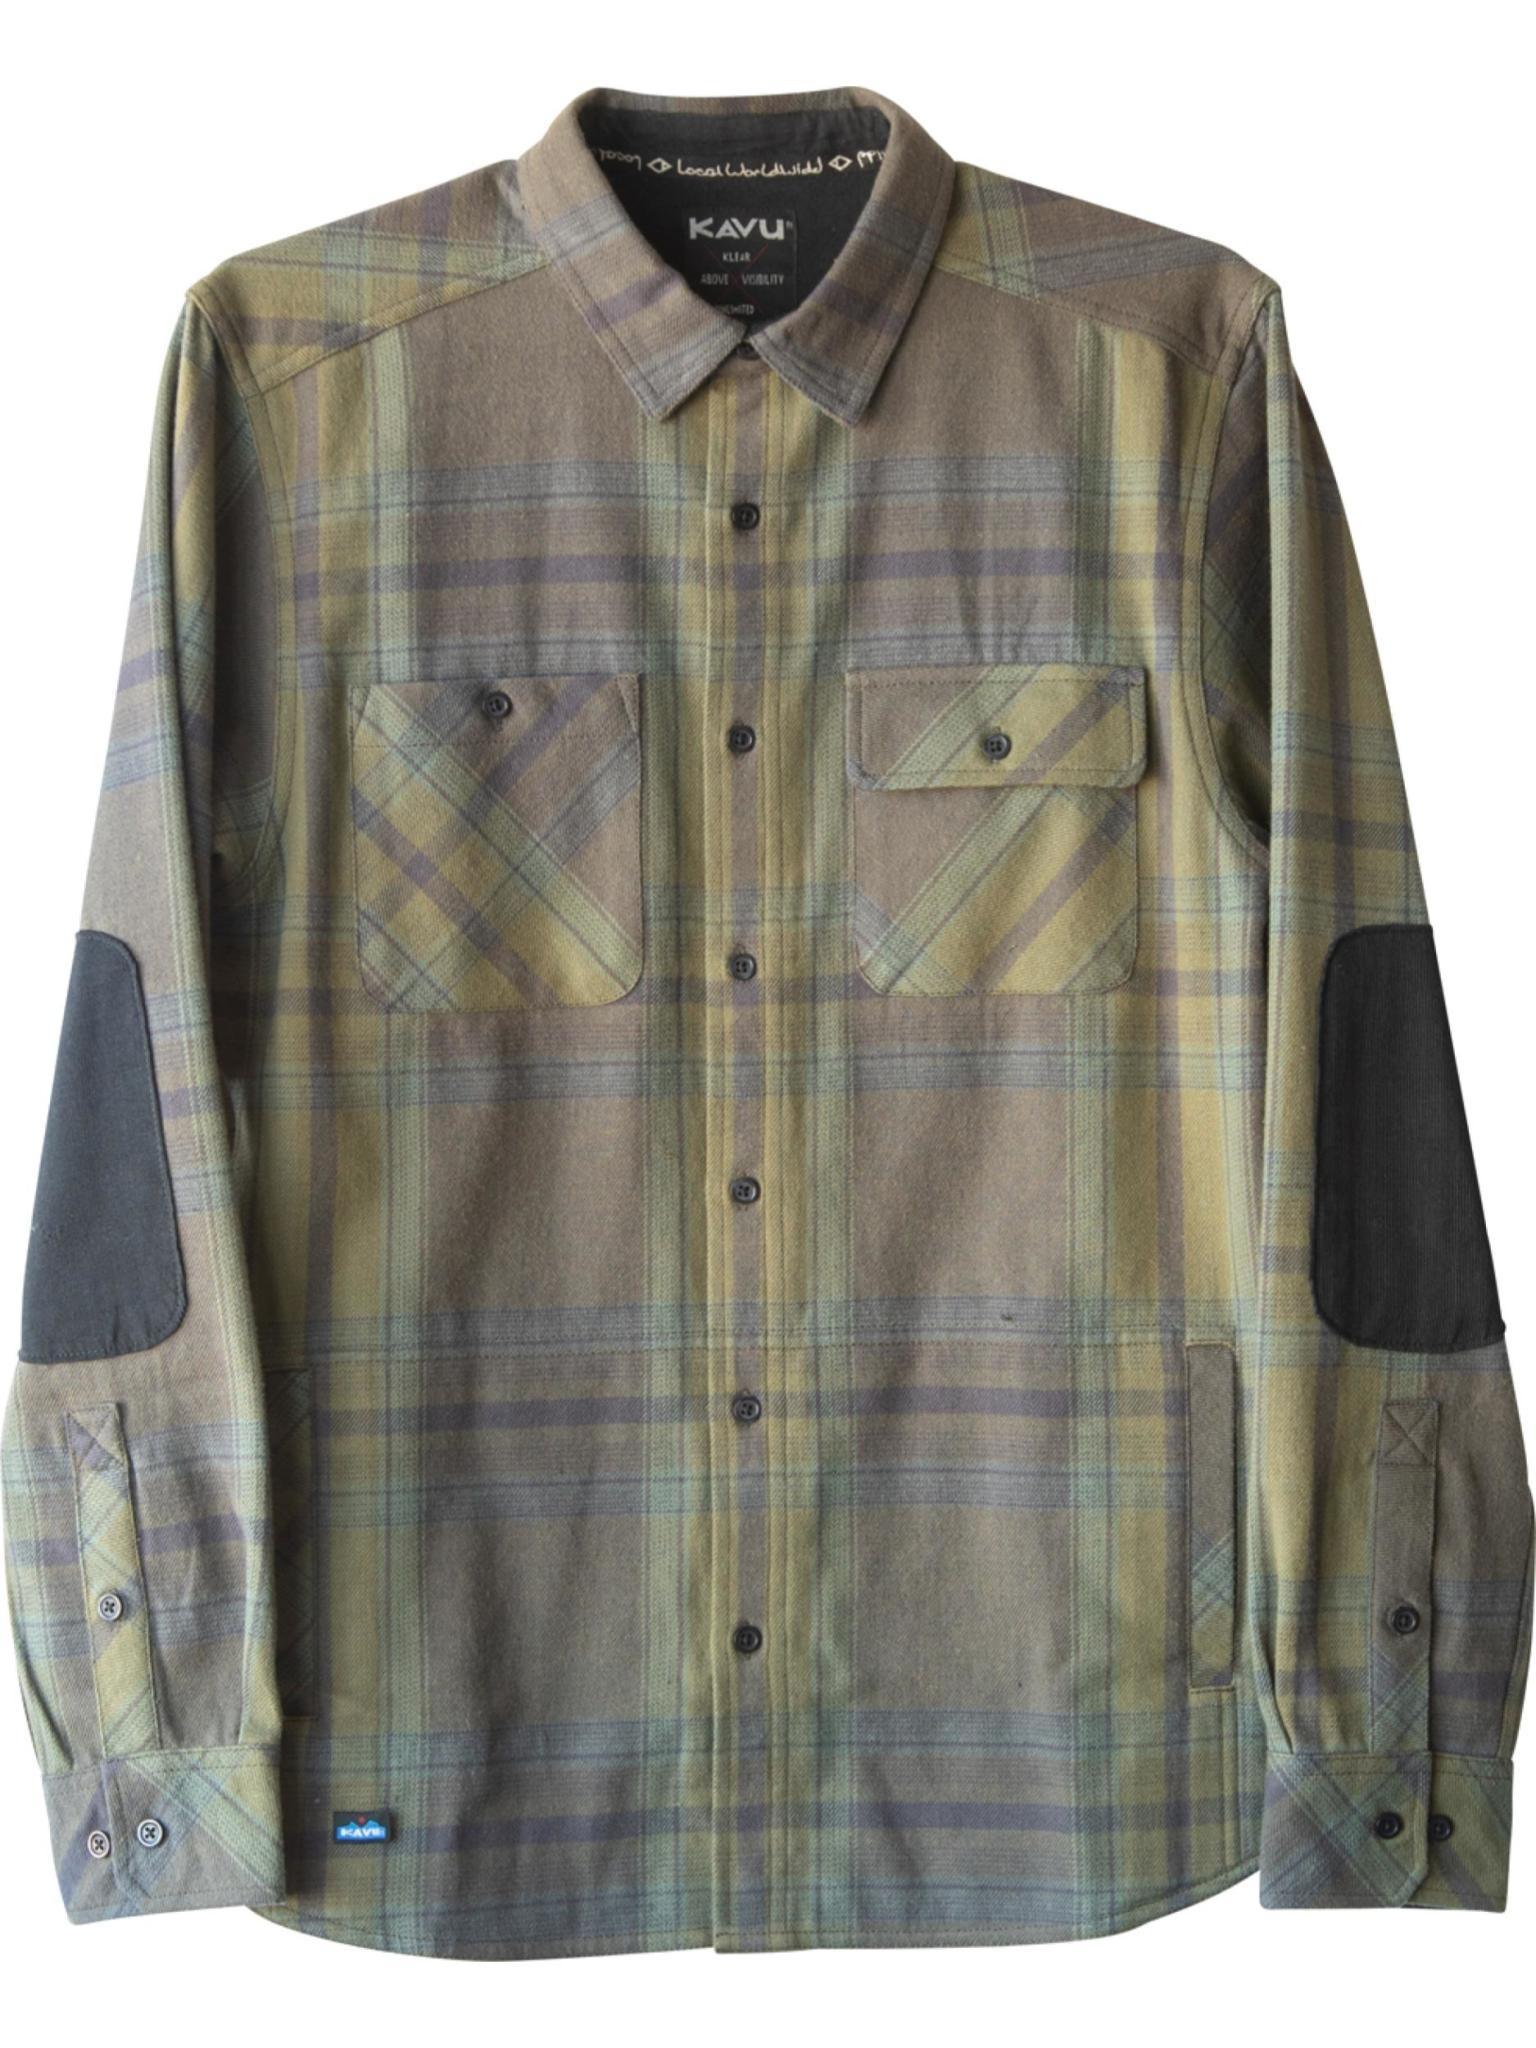 KAVU Men's Baxter Button Up Shirt Jacket